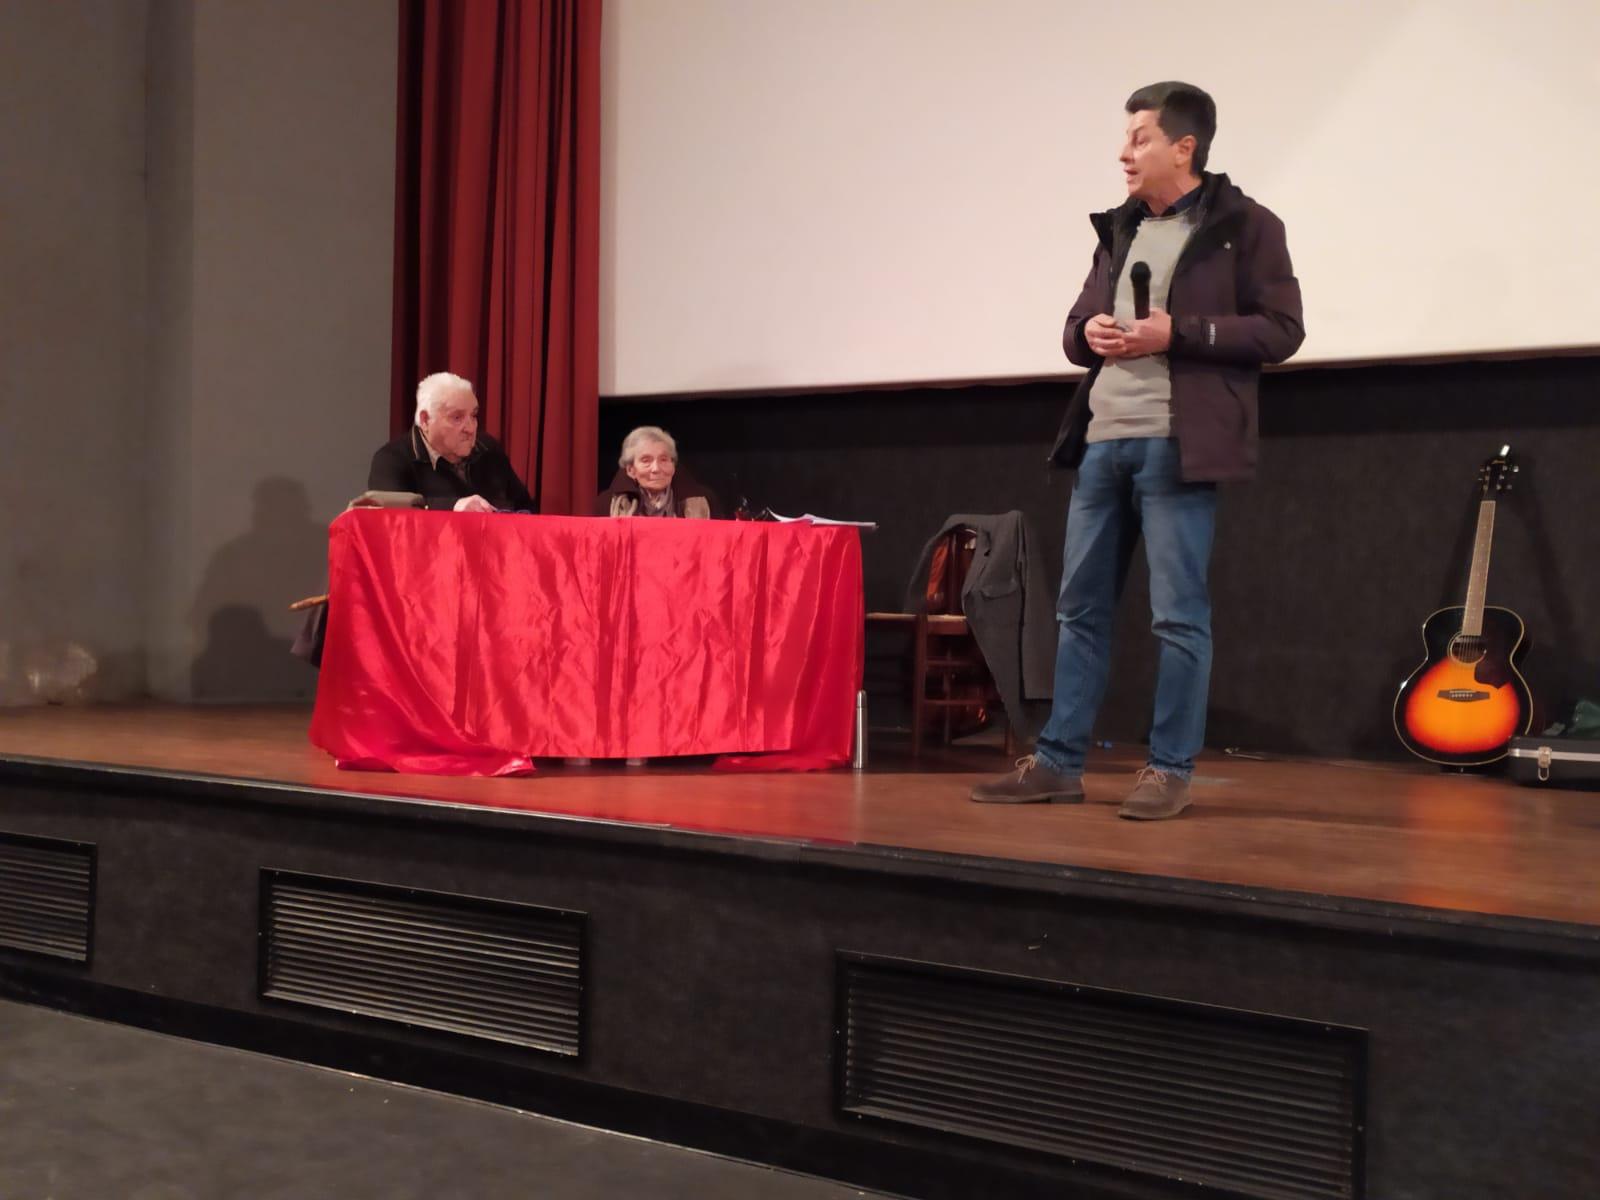 Giornata-della-Memoria-2021-lIsis-Zuccarelli-di-Sorano-ringrazia-il-prefetto-Fabio-Marsilio-e-la-signora-Elena-Servi.j